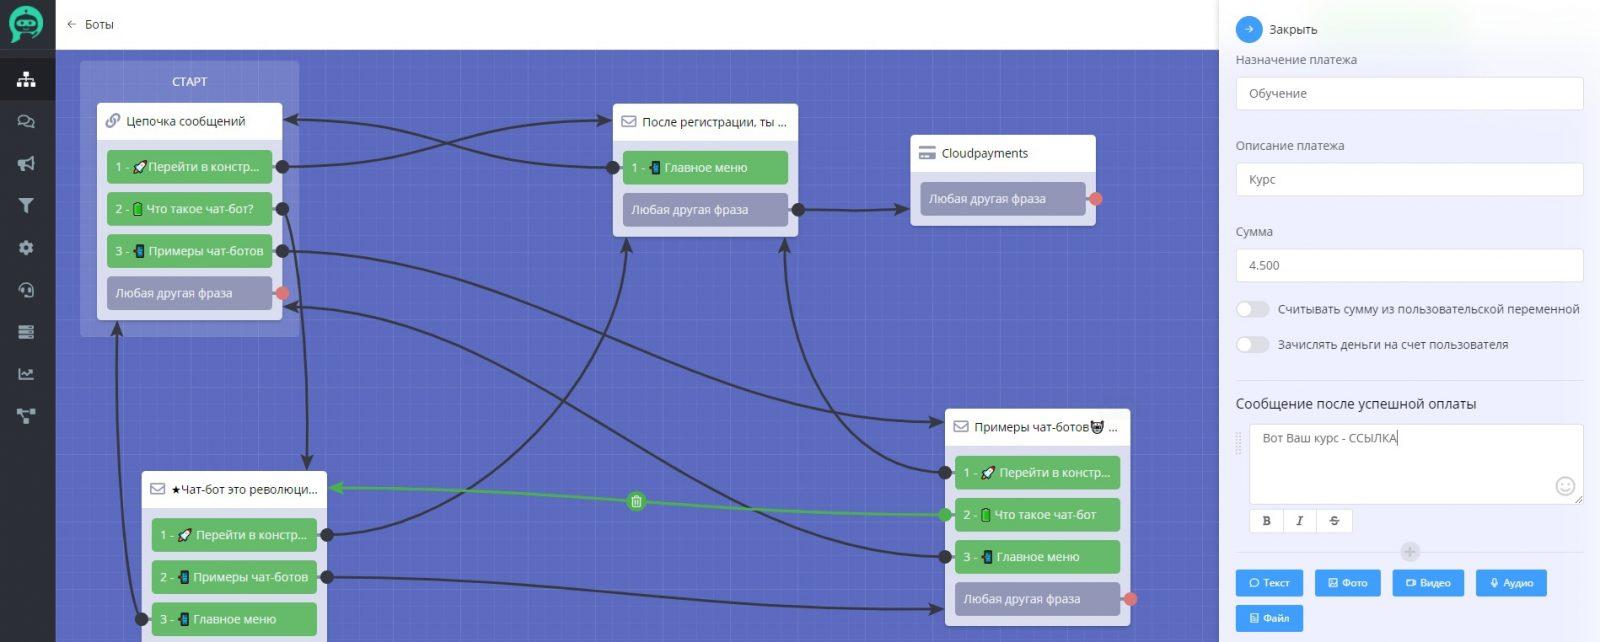 Прием платежей и интеграция с Cloudpayments